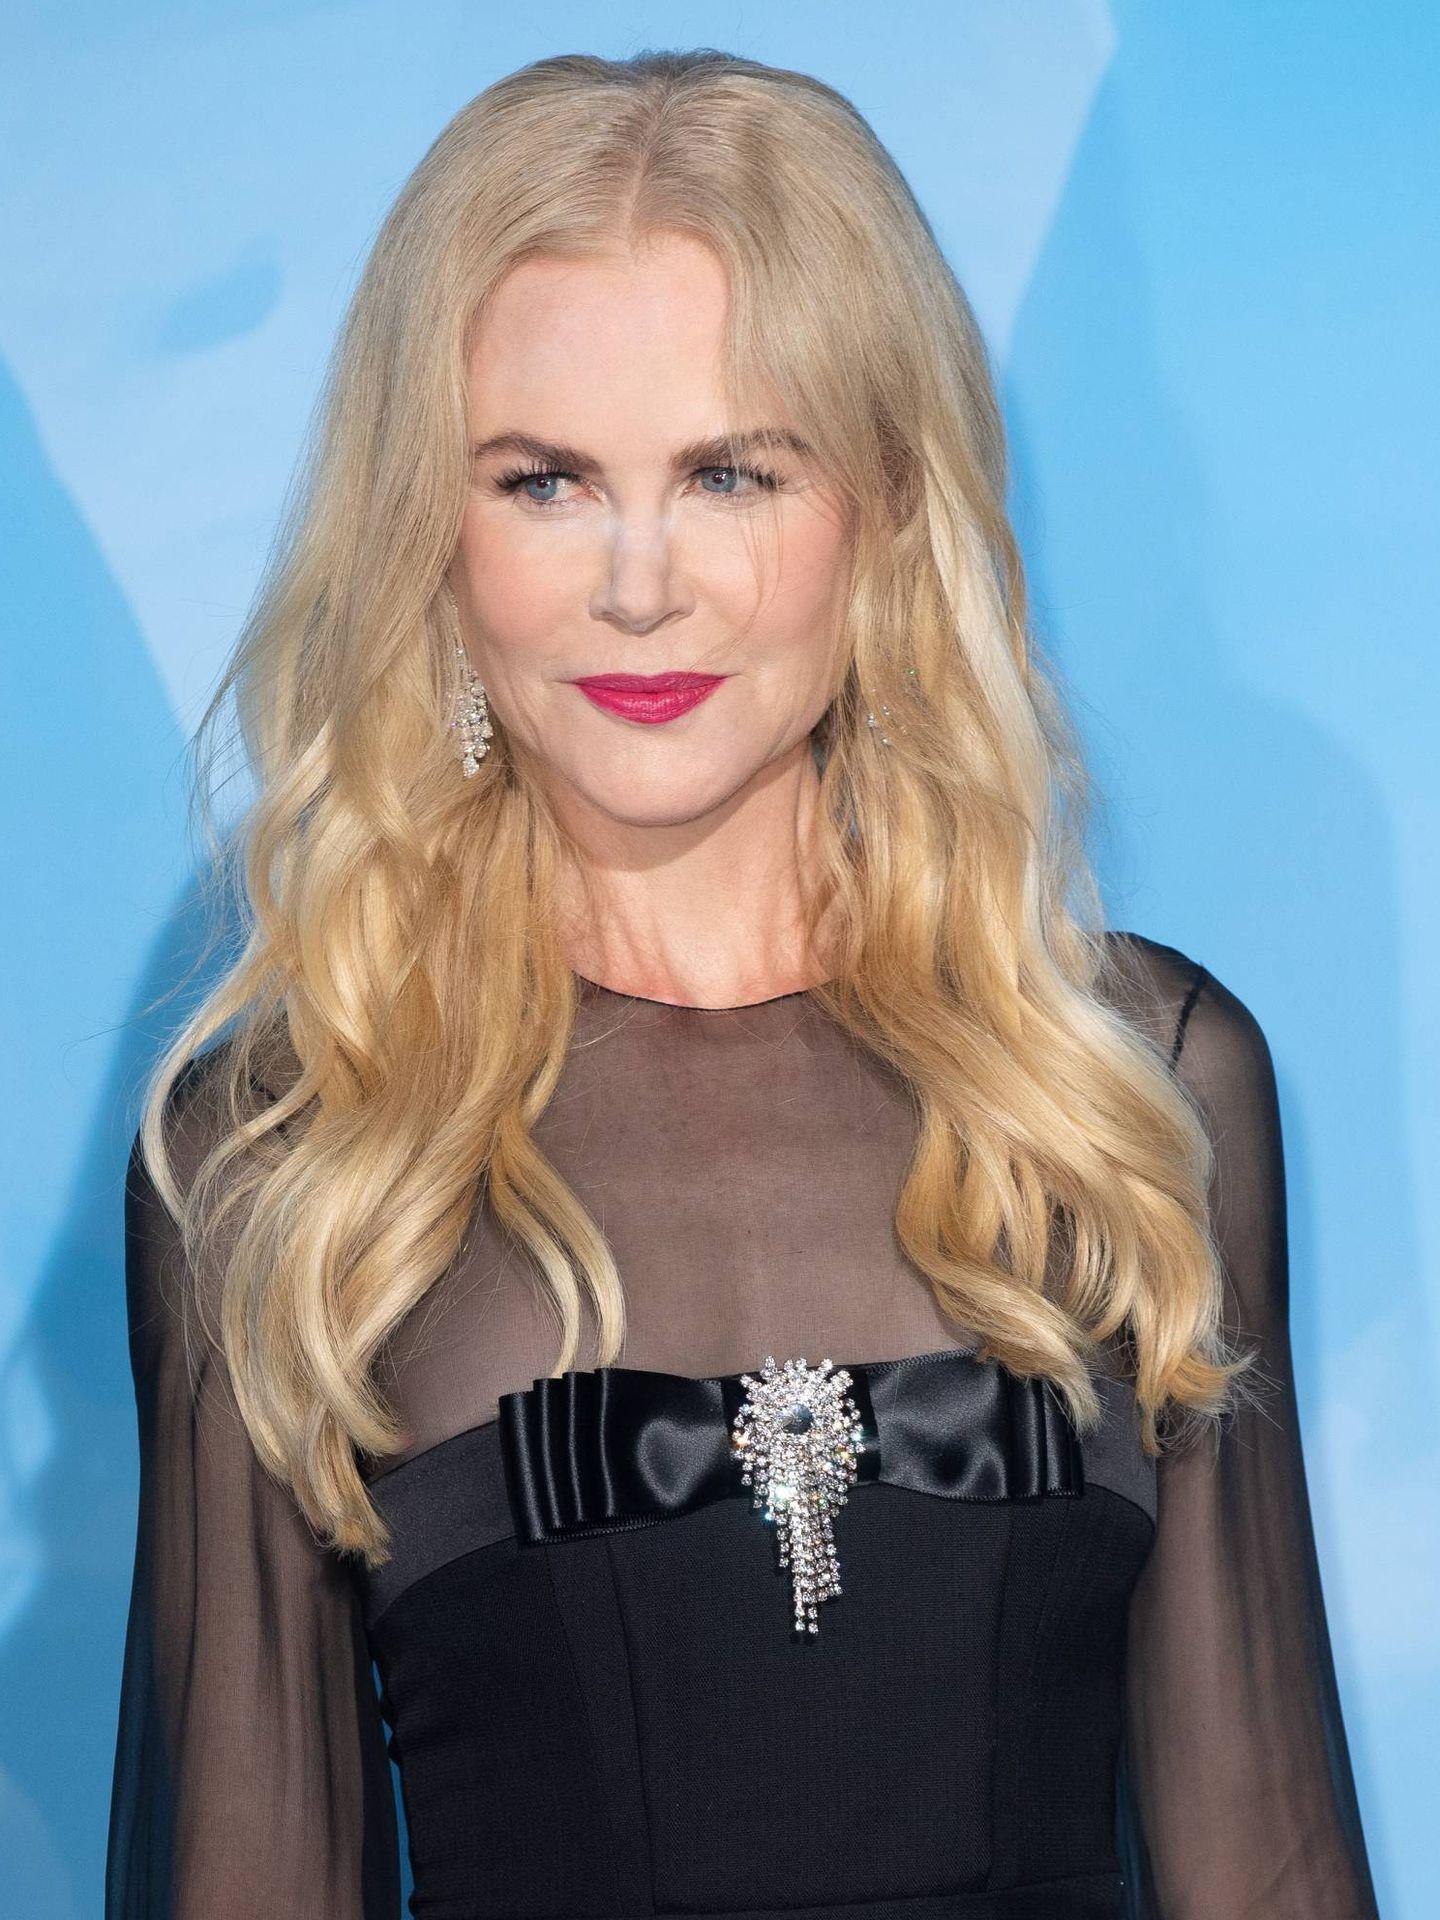 El cabello ondulado de Nicole Kidman suele aparecer en la zona de la raíz. (Cordon Press)